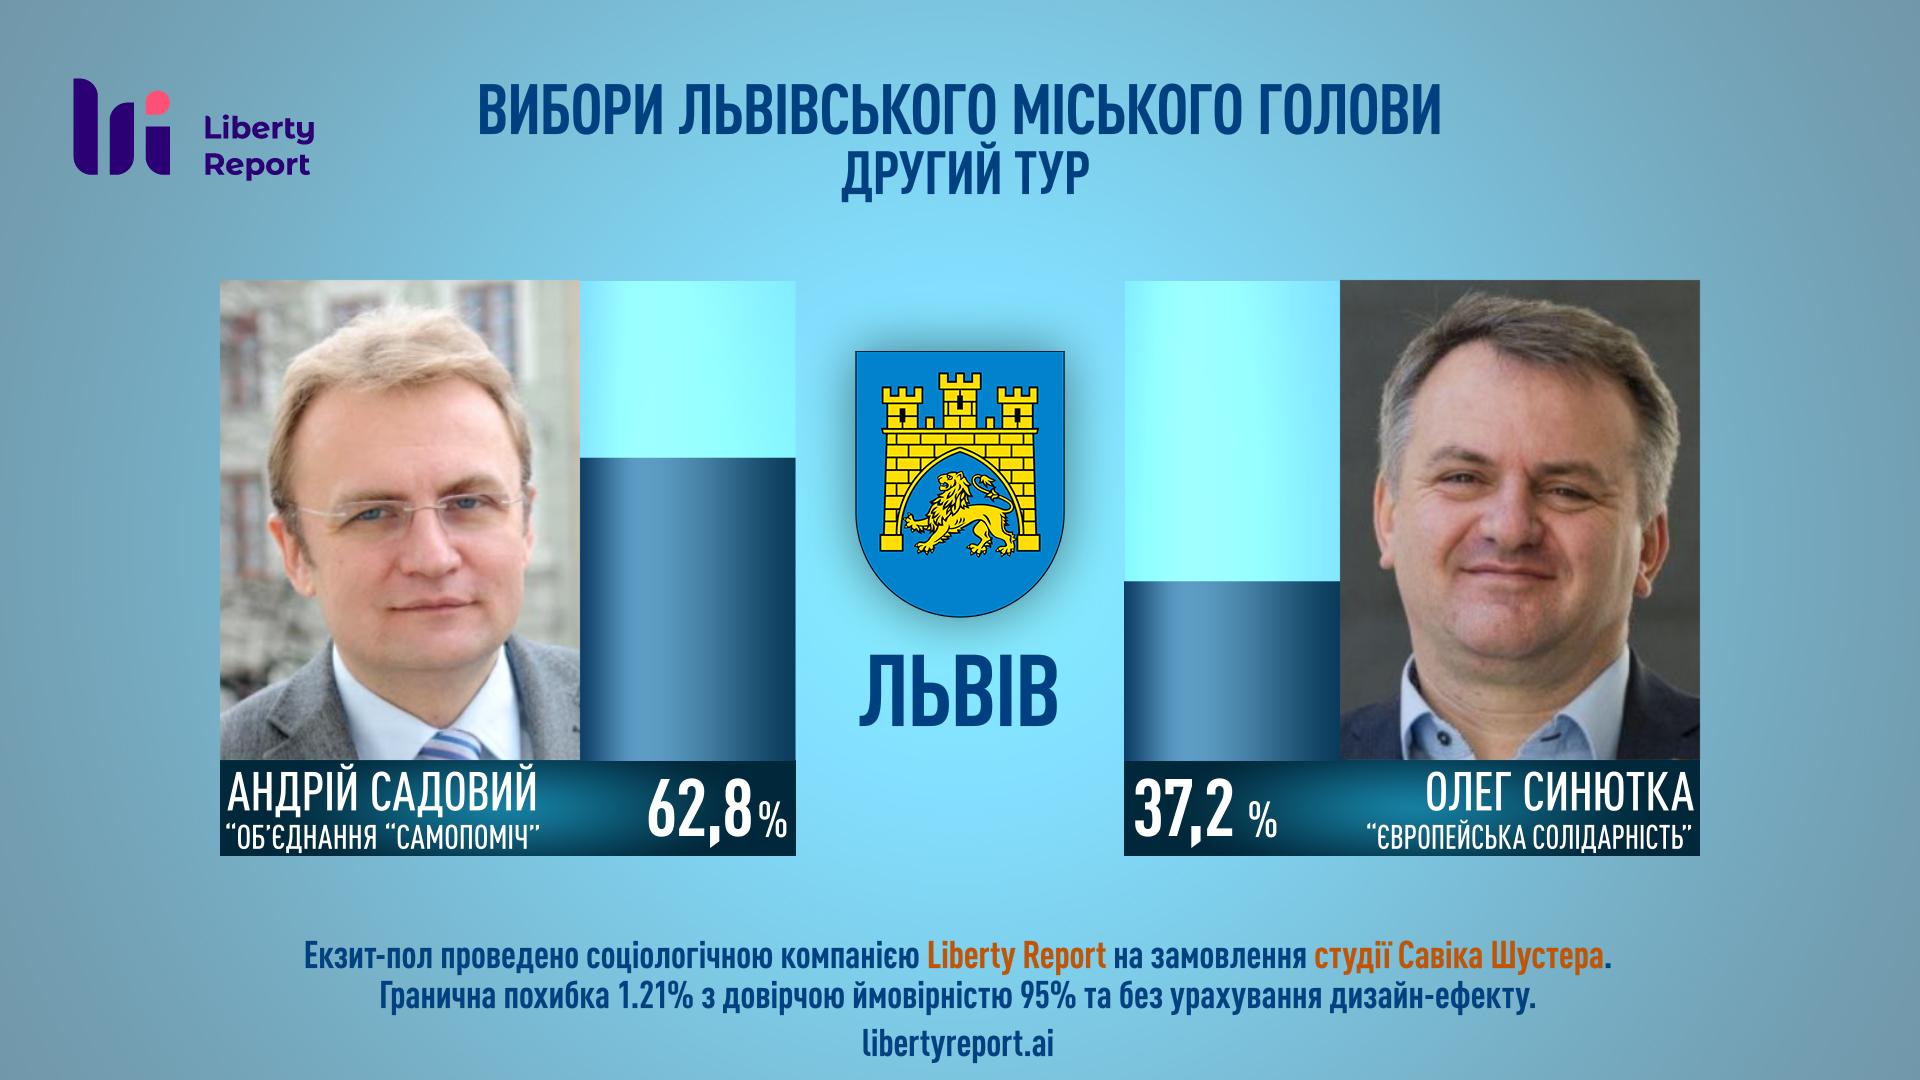 https://img.pravda.com/images/doc/7/d/7d52c77-lviv-shuster-original.jpg